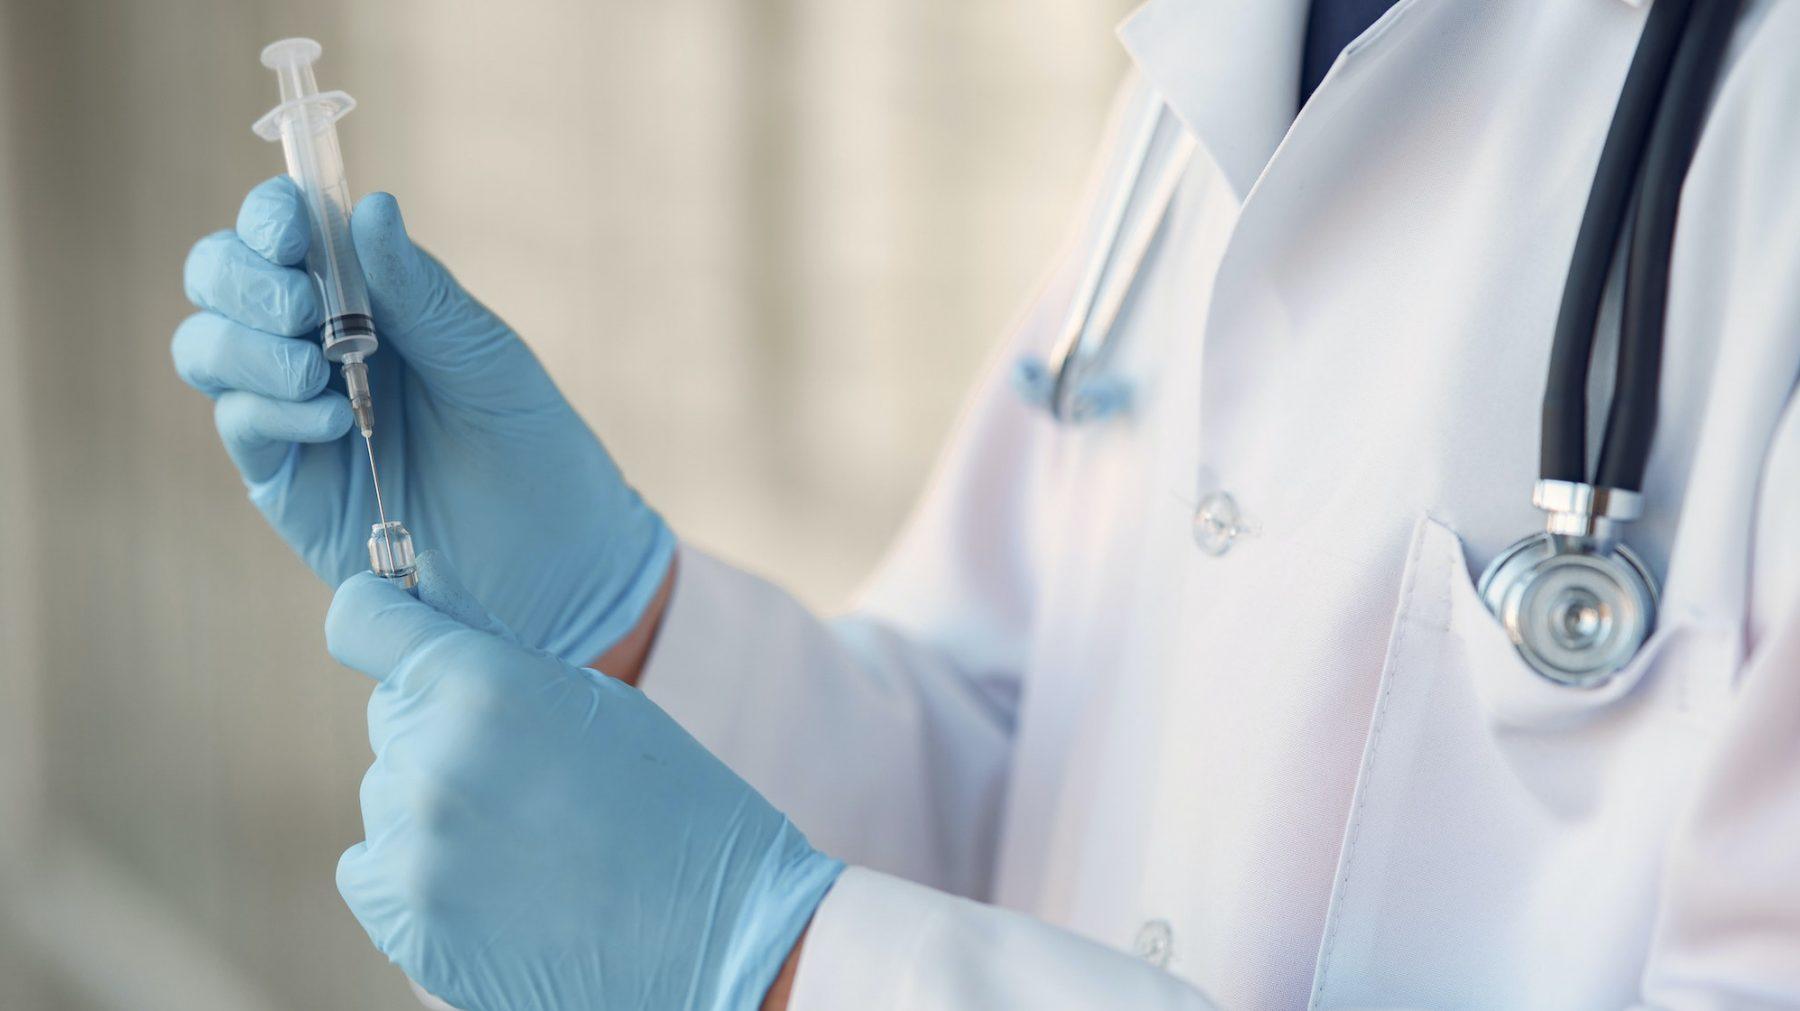 ziekenhuis arts duitsland verkracht verdoofde patiënt